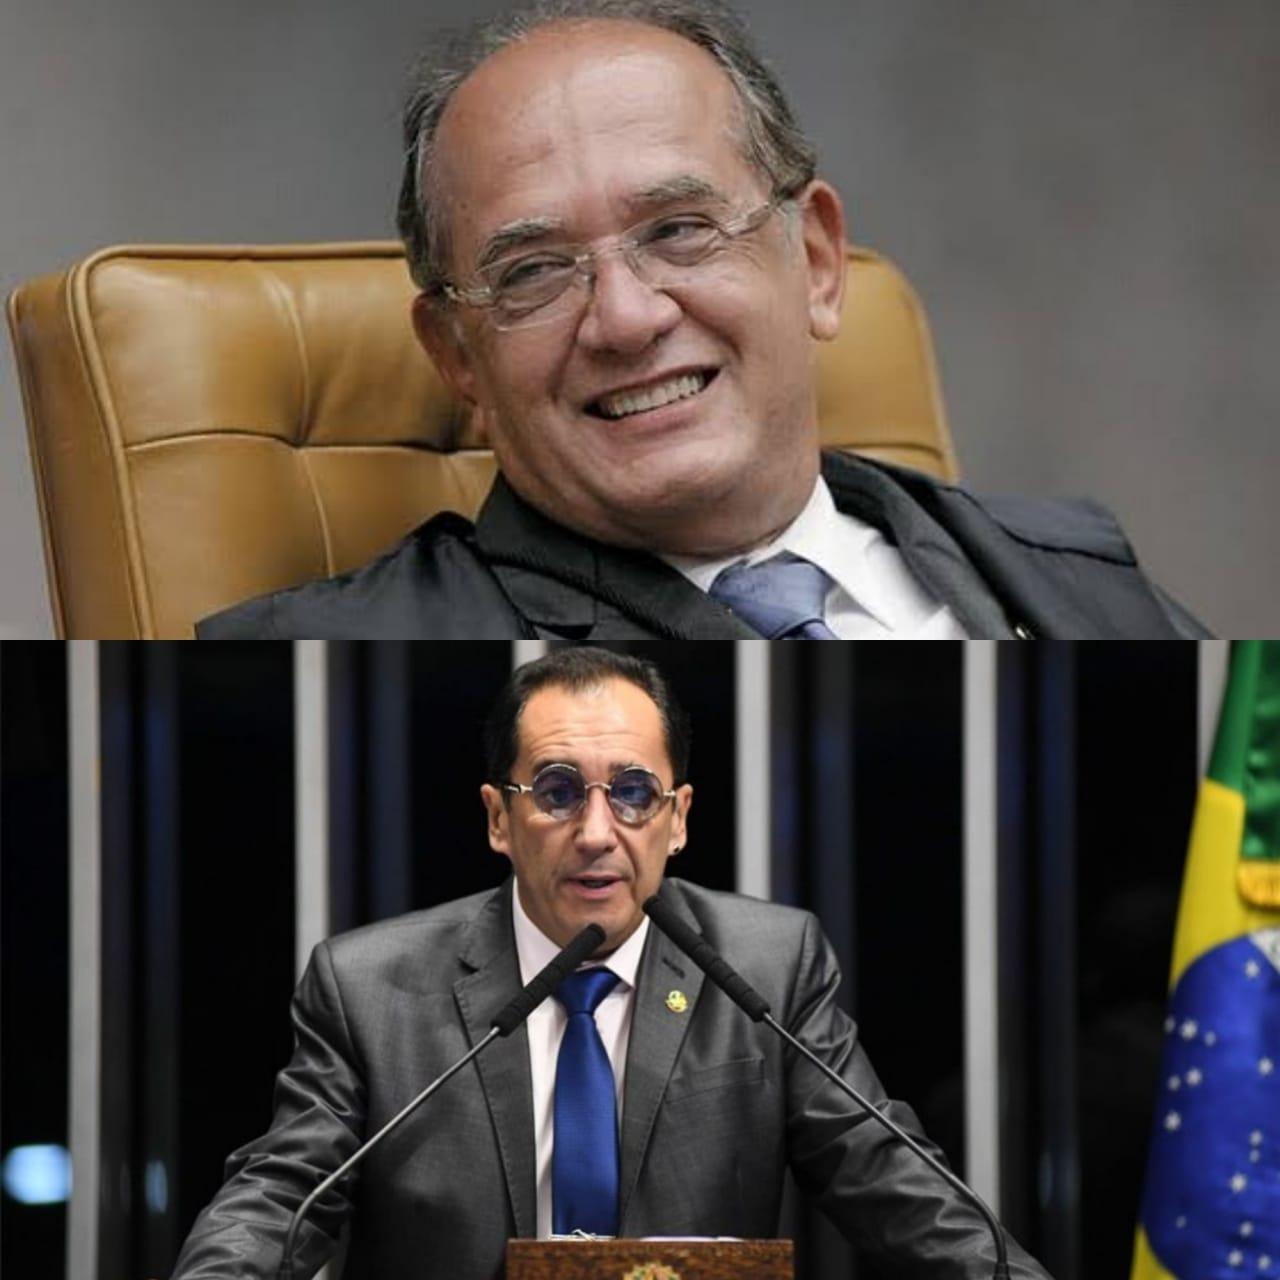 Senador Jorge Kajuru xinga ministro Gilmar Mendes durante entrevista